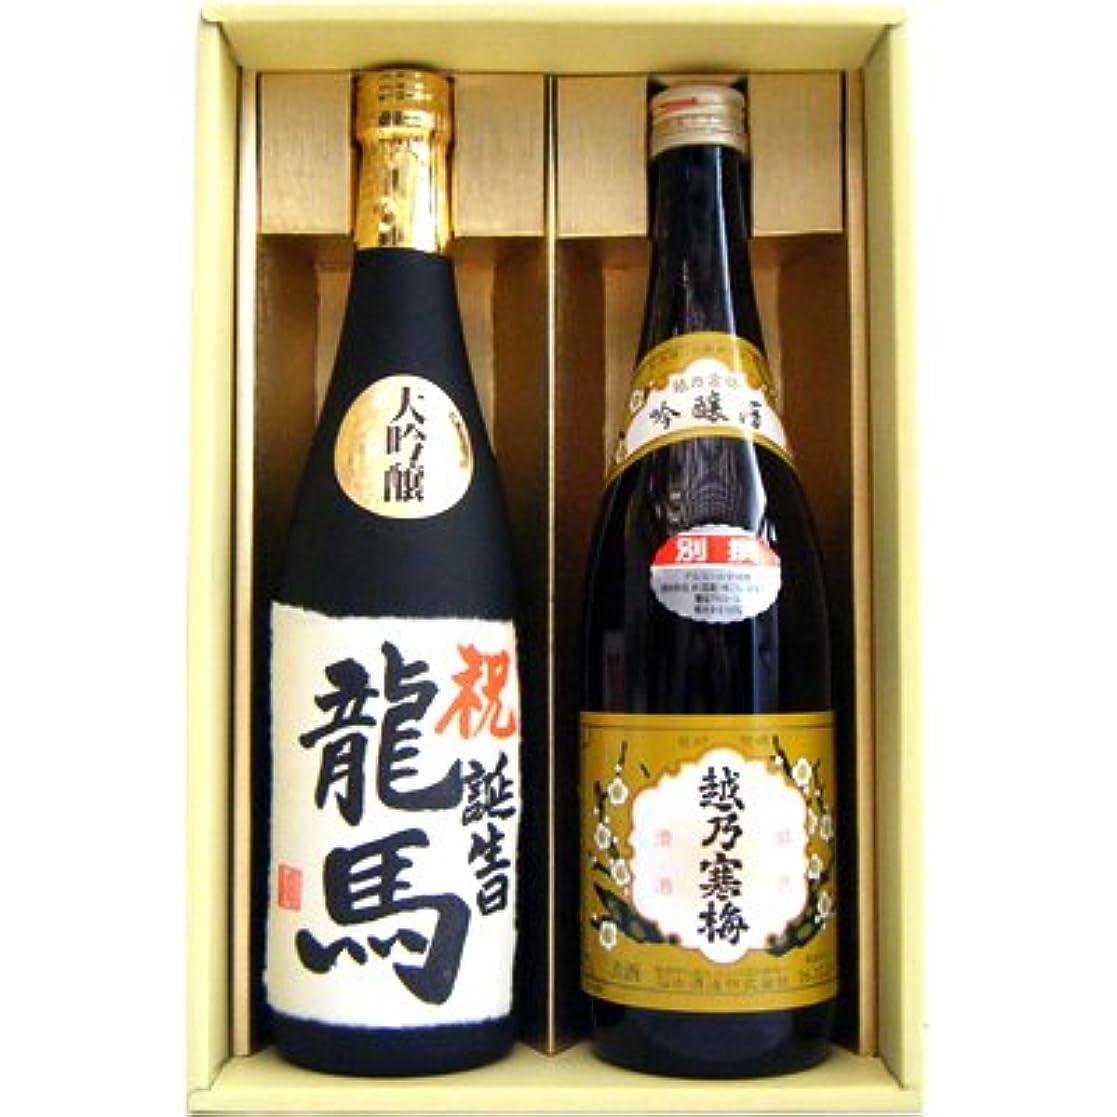 製造ドール薄暗い名入れ 日本酒 越乃寒梅 飲み比べ ギフト セット 720ml 2本 (越路吹雪 大吟醸 名前入れ、越乃寒梅 別撰)